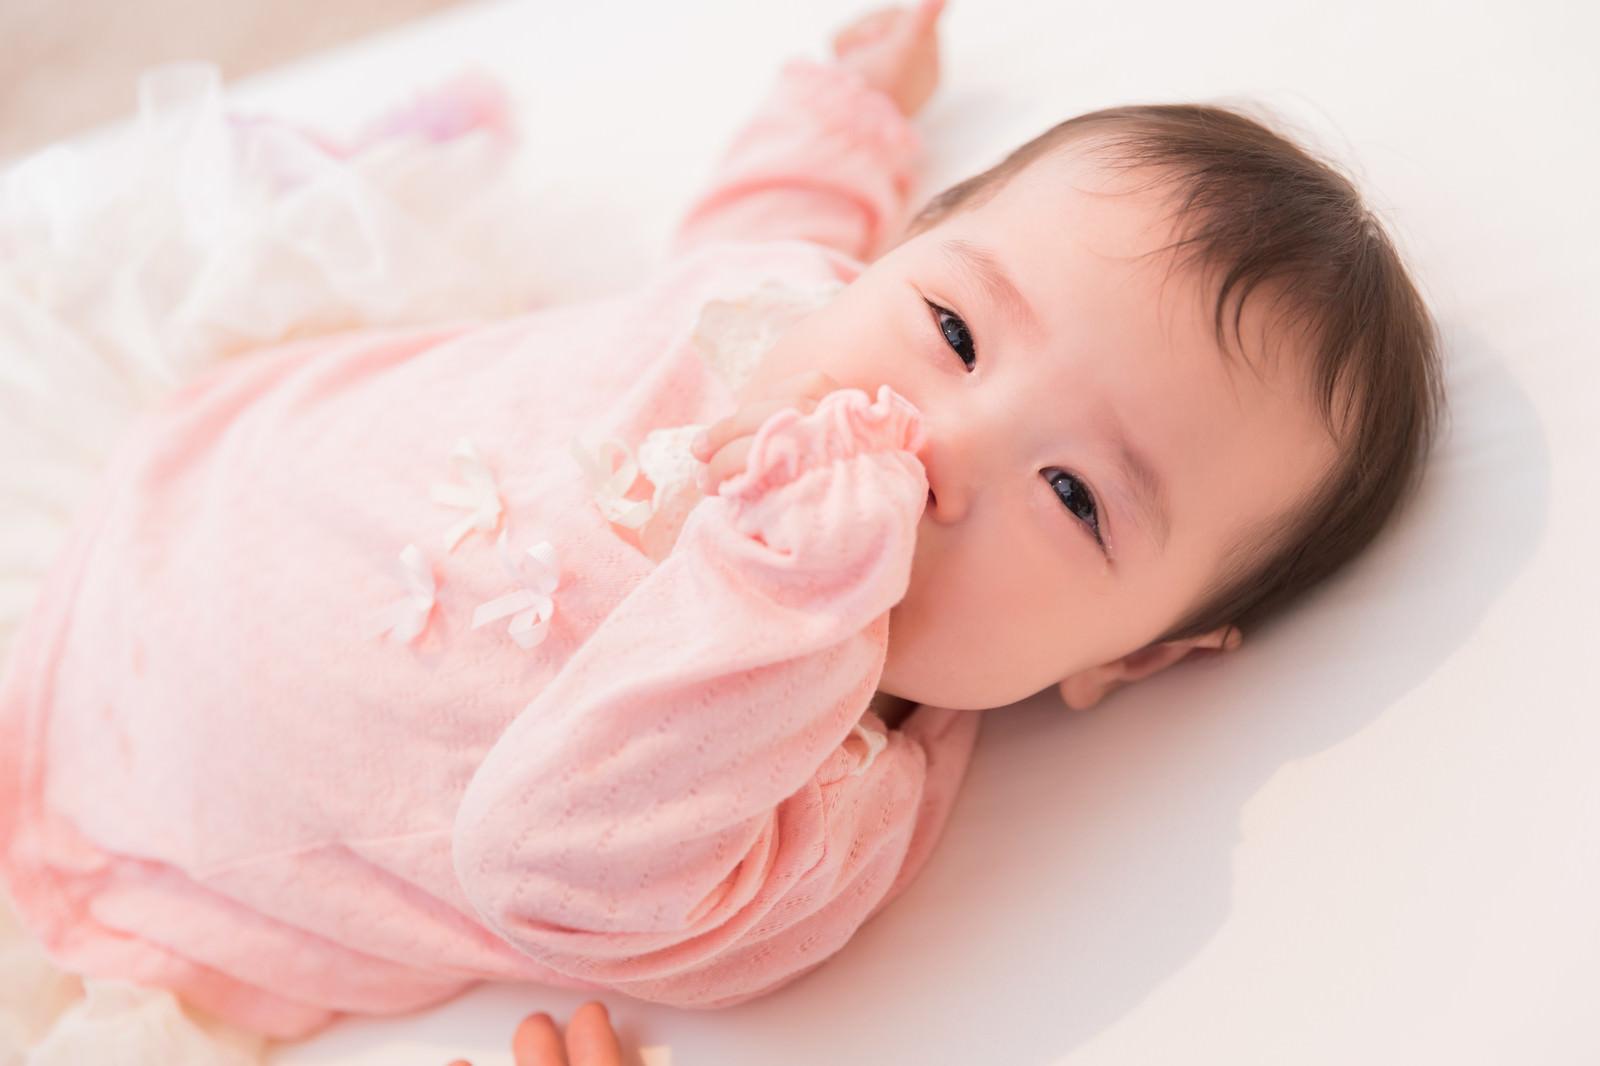 「眠くてぐずり泣く赤ちゃん」の写真[モデル:めぐな]